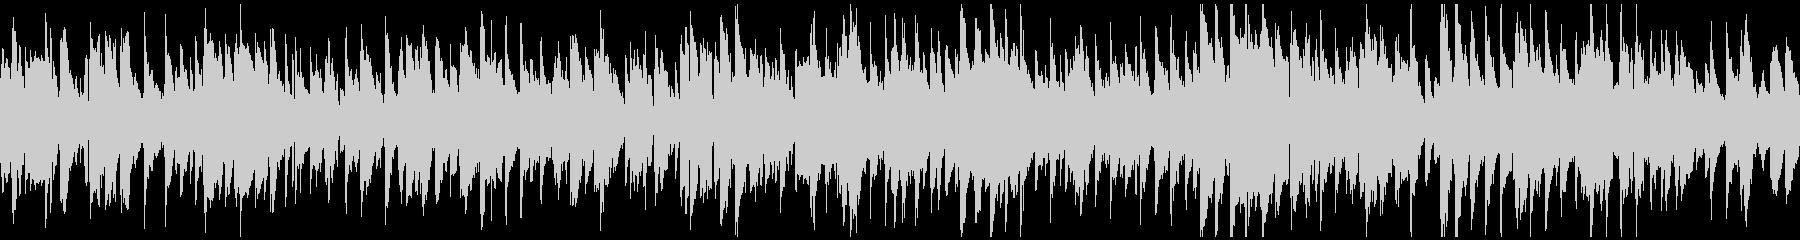 サックスのバラード、大人ムード※ループ版の未再生の波形